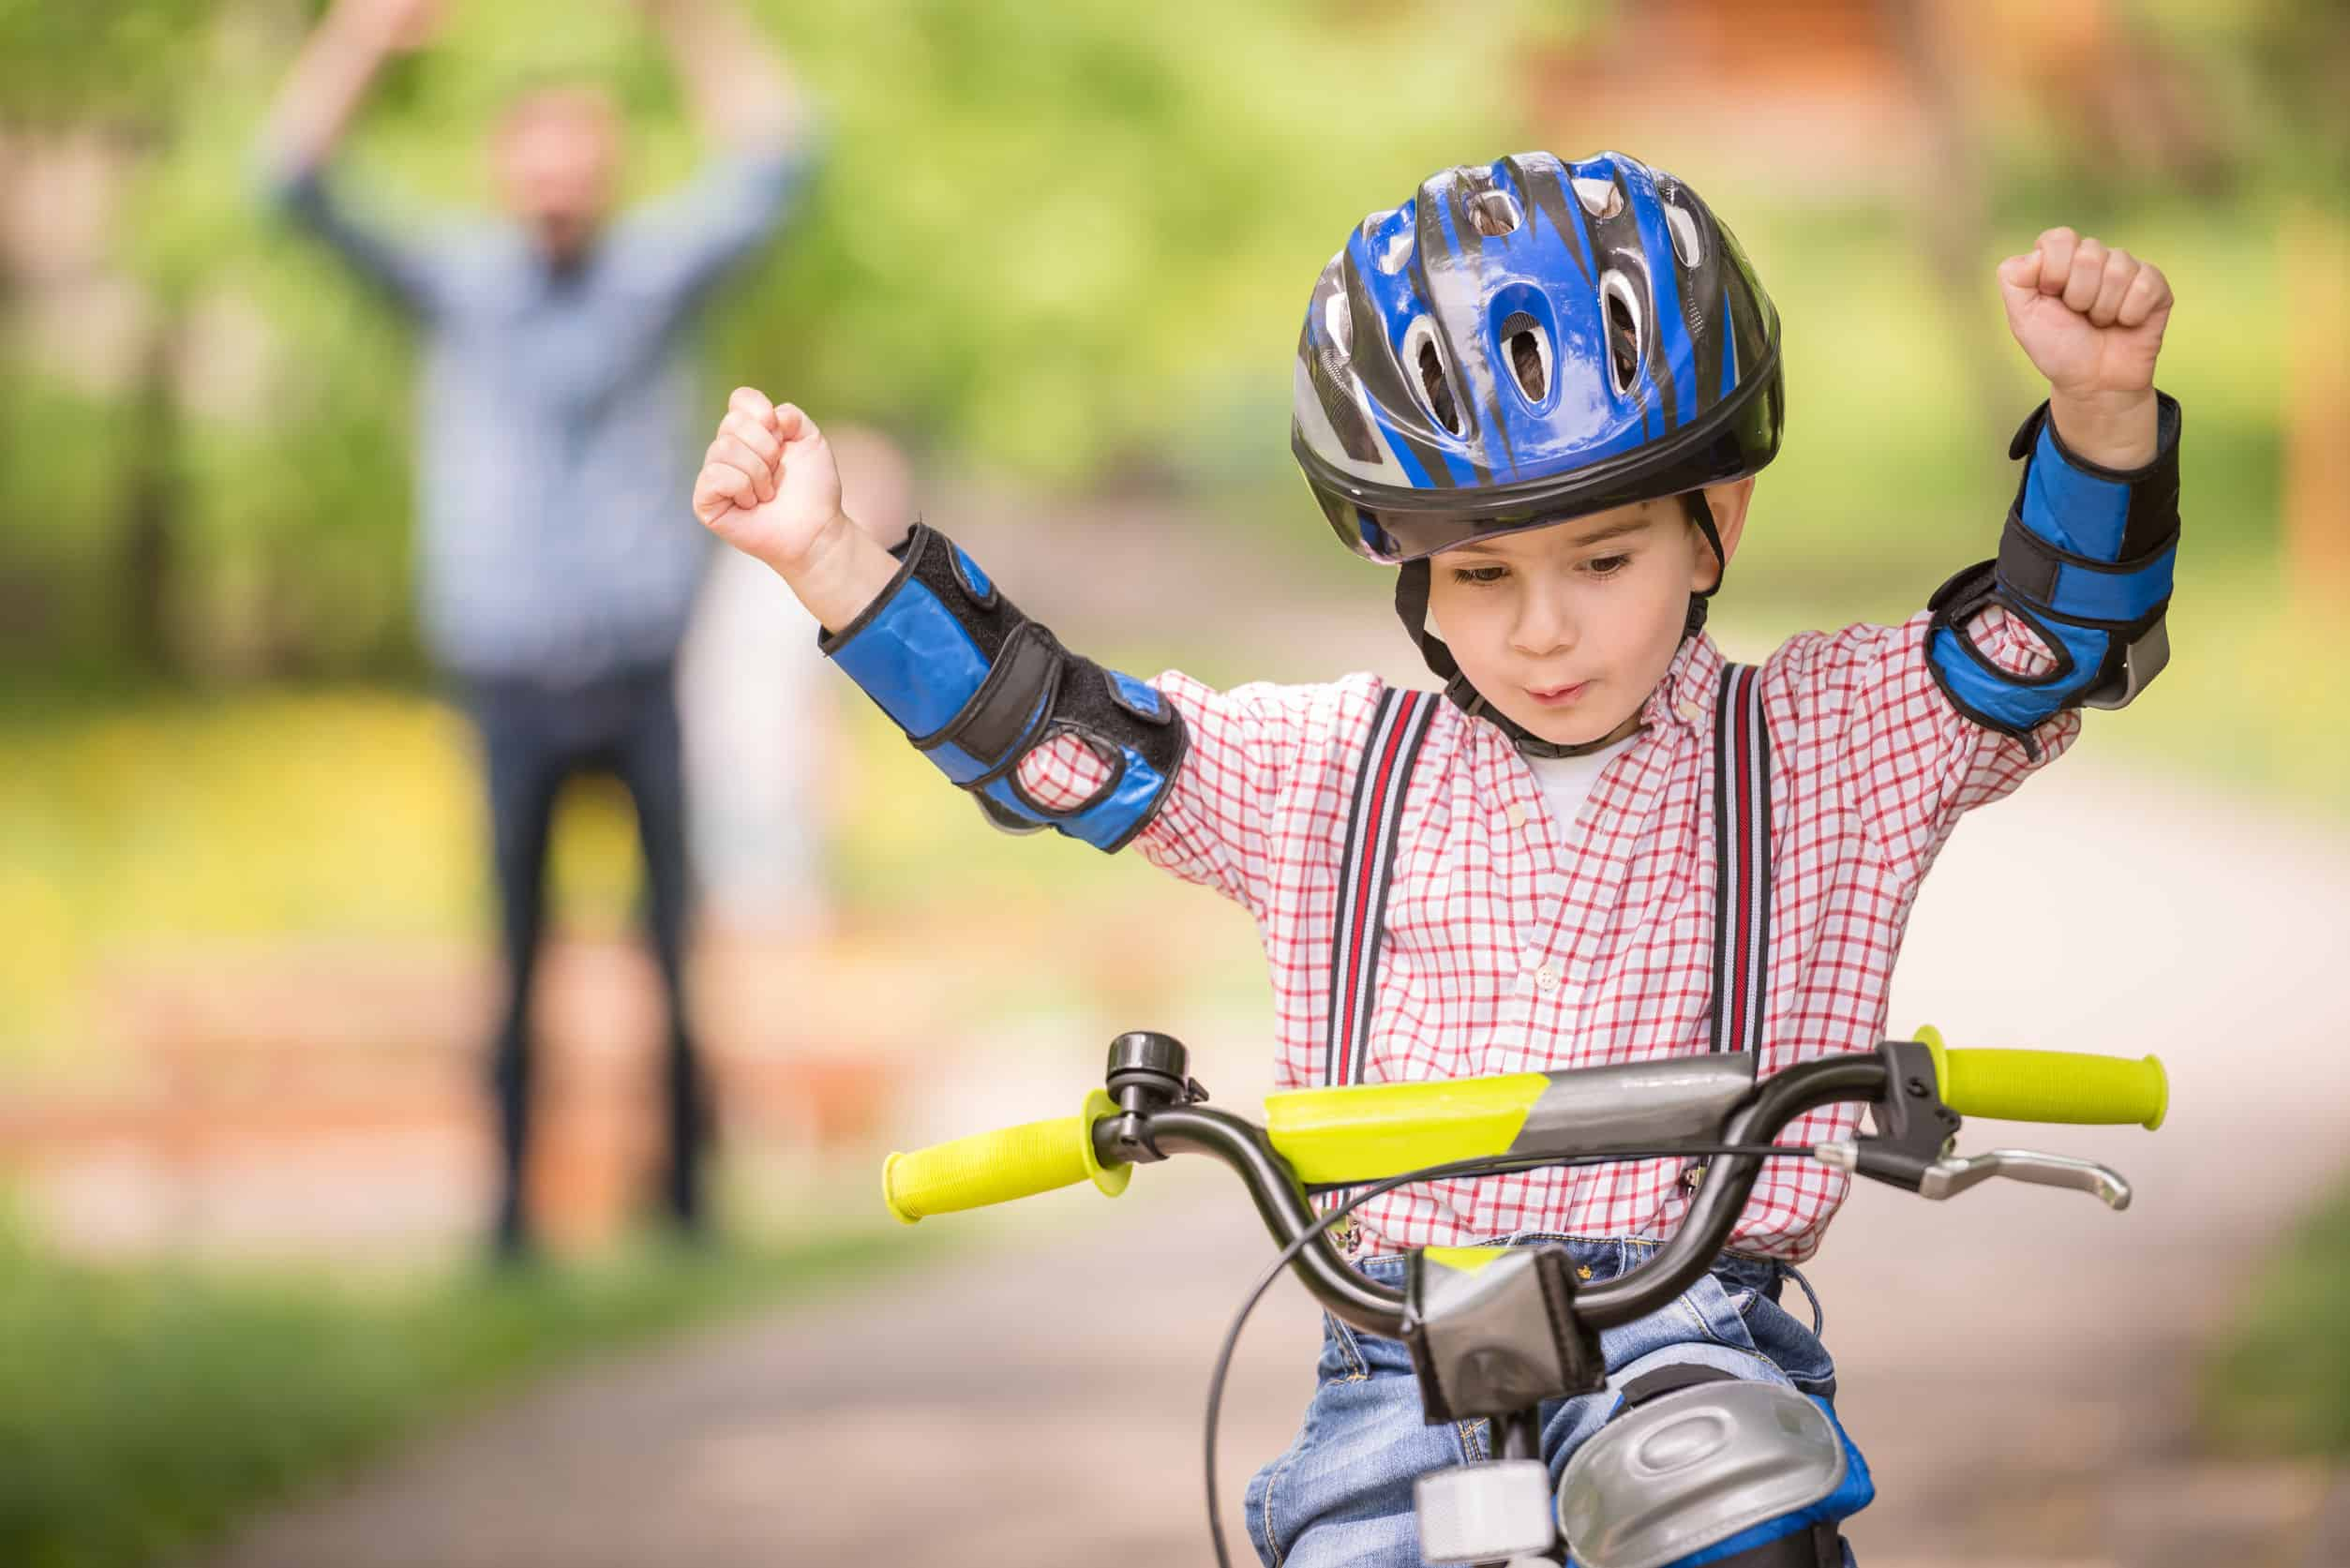 Garoto andando de bicicleta com as mãos levantadas